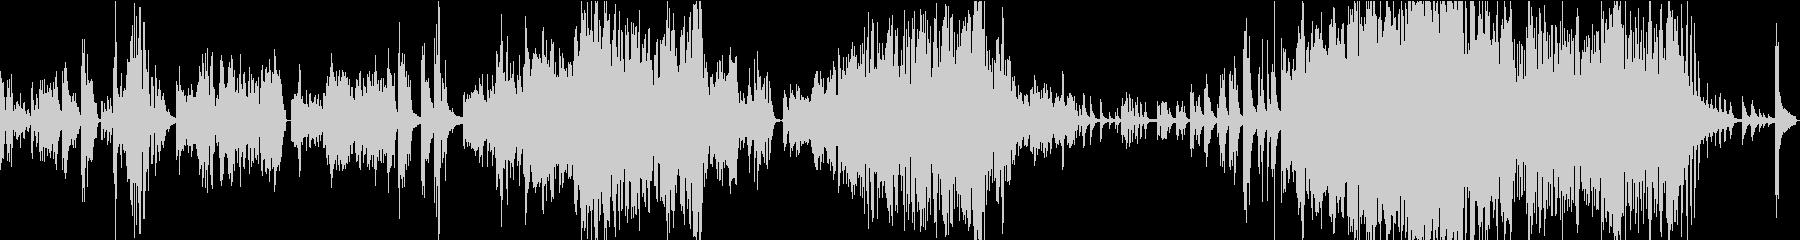 KANTピアノソロ8後期ロマン派的楽曲。の未再生の波形